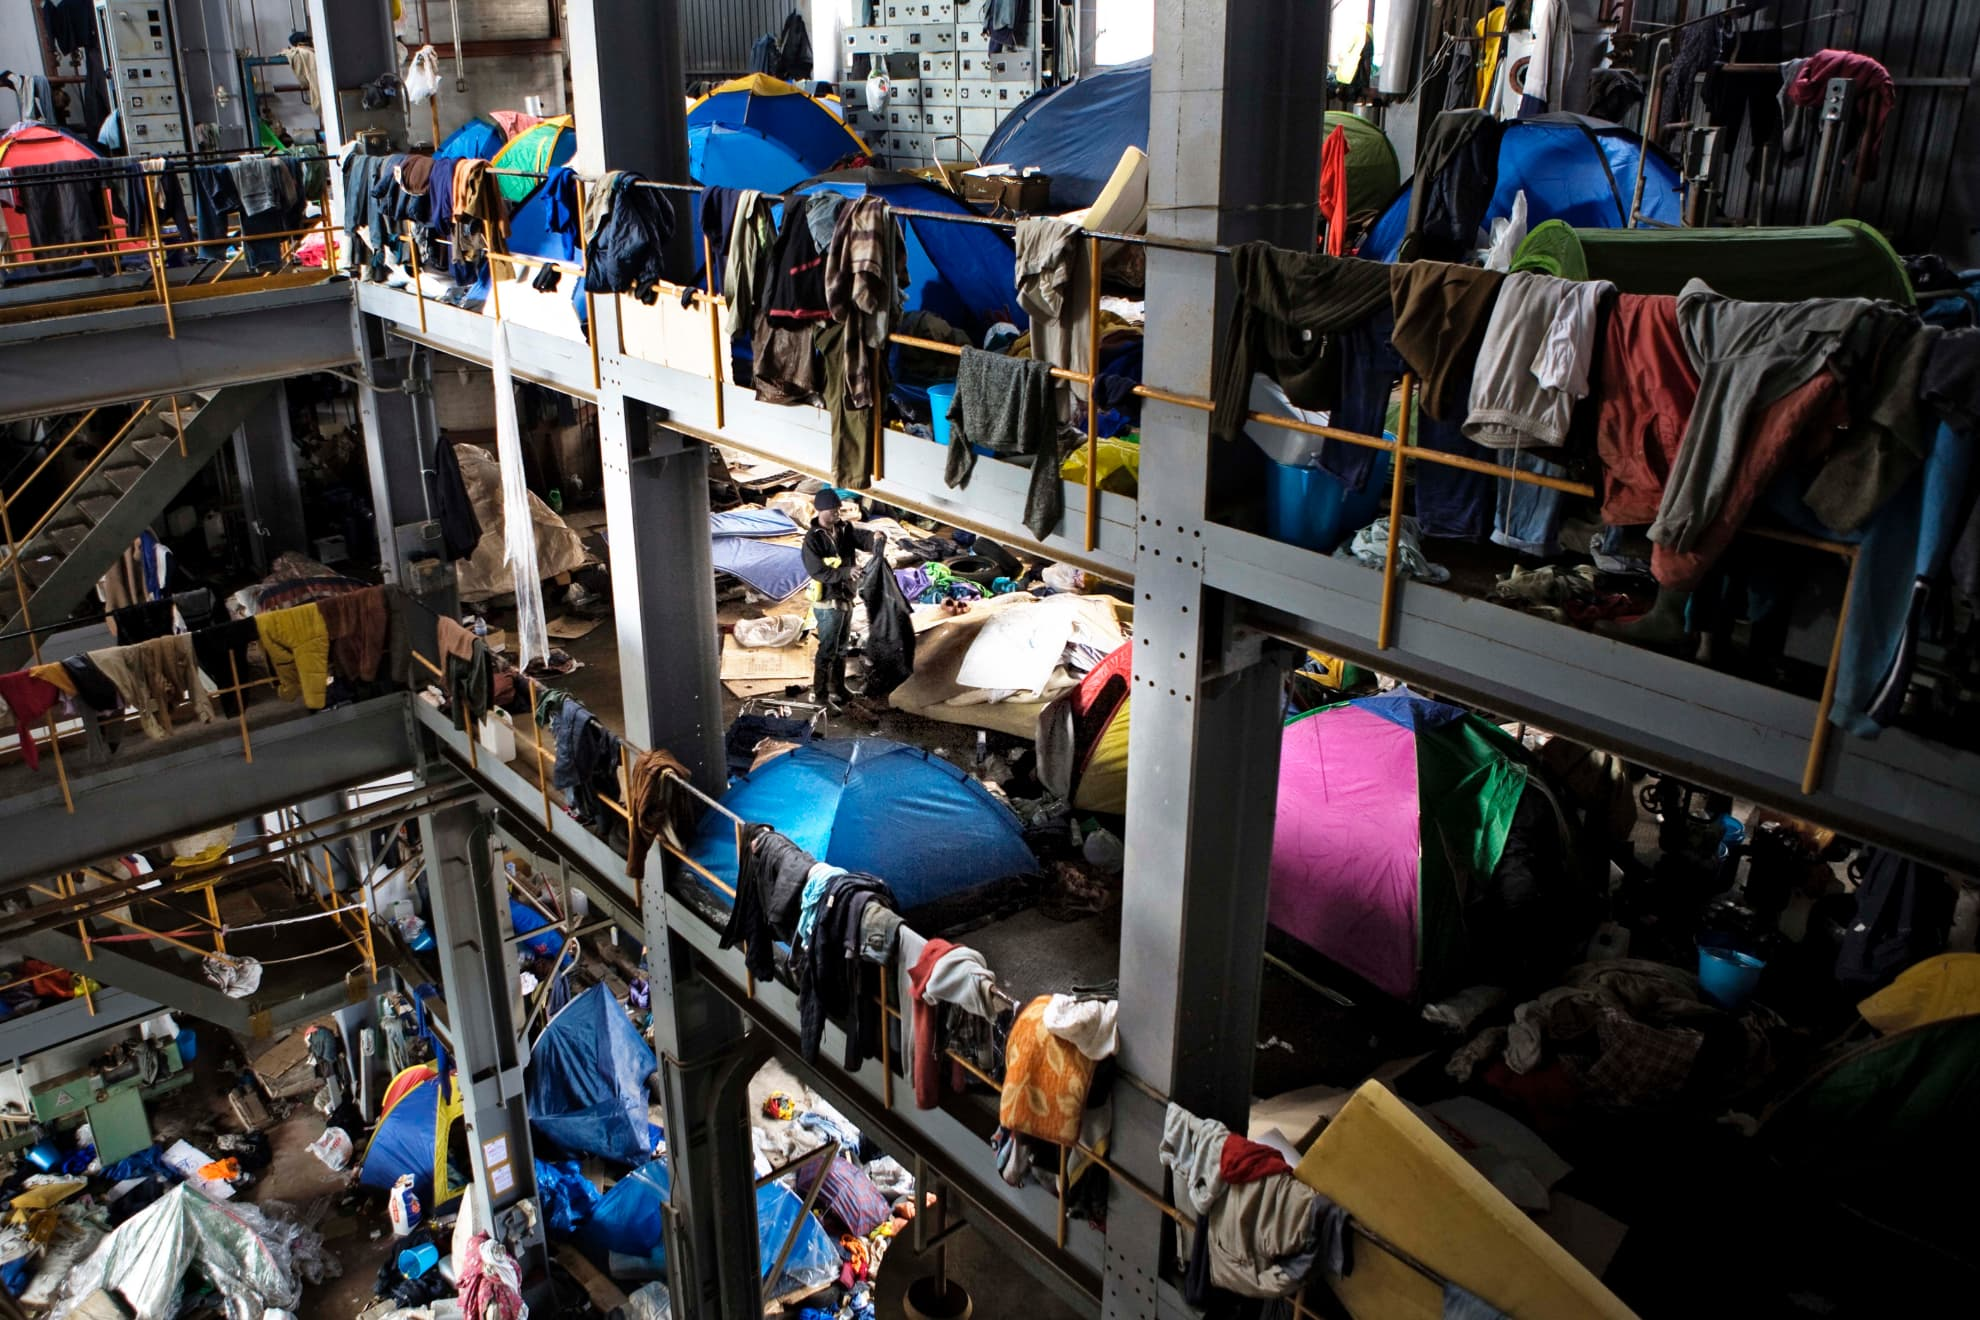 Alrededor de 20.000 refugiados se encuentran en el sur de Italia. Antes del desalojo de Rosarno, 900 personas vivían en esta fábrica.